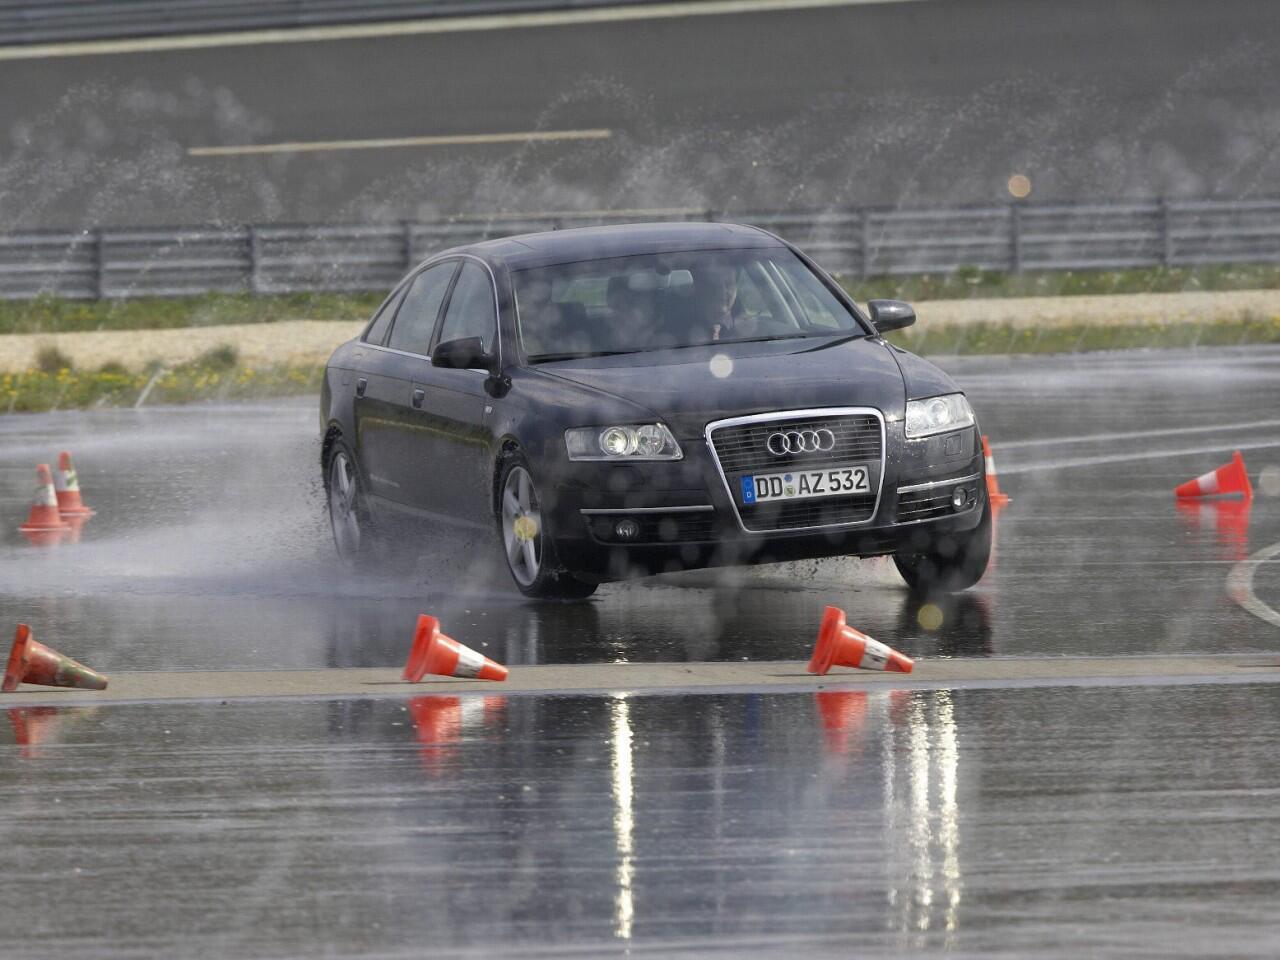 Bild zu Fahrsicherheitstraining: Insbesondere für Fahranfänger zu empfehlen